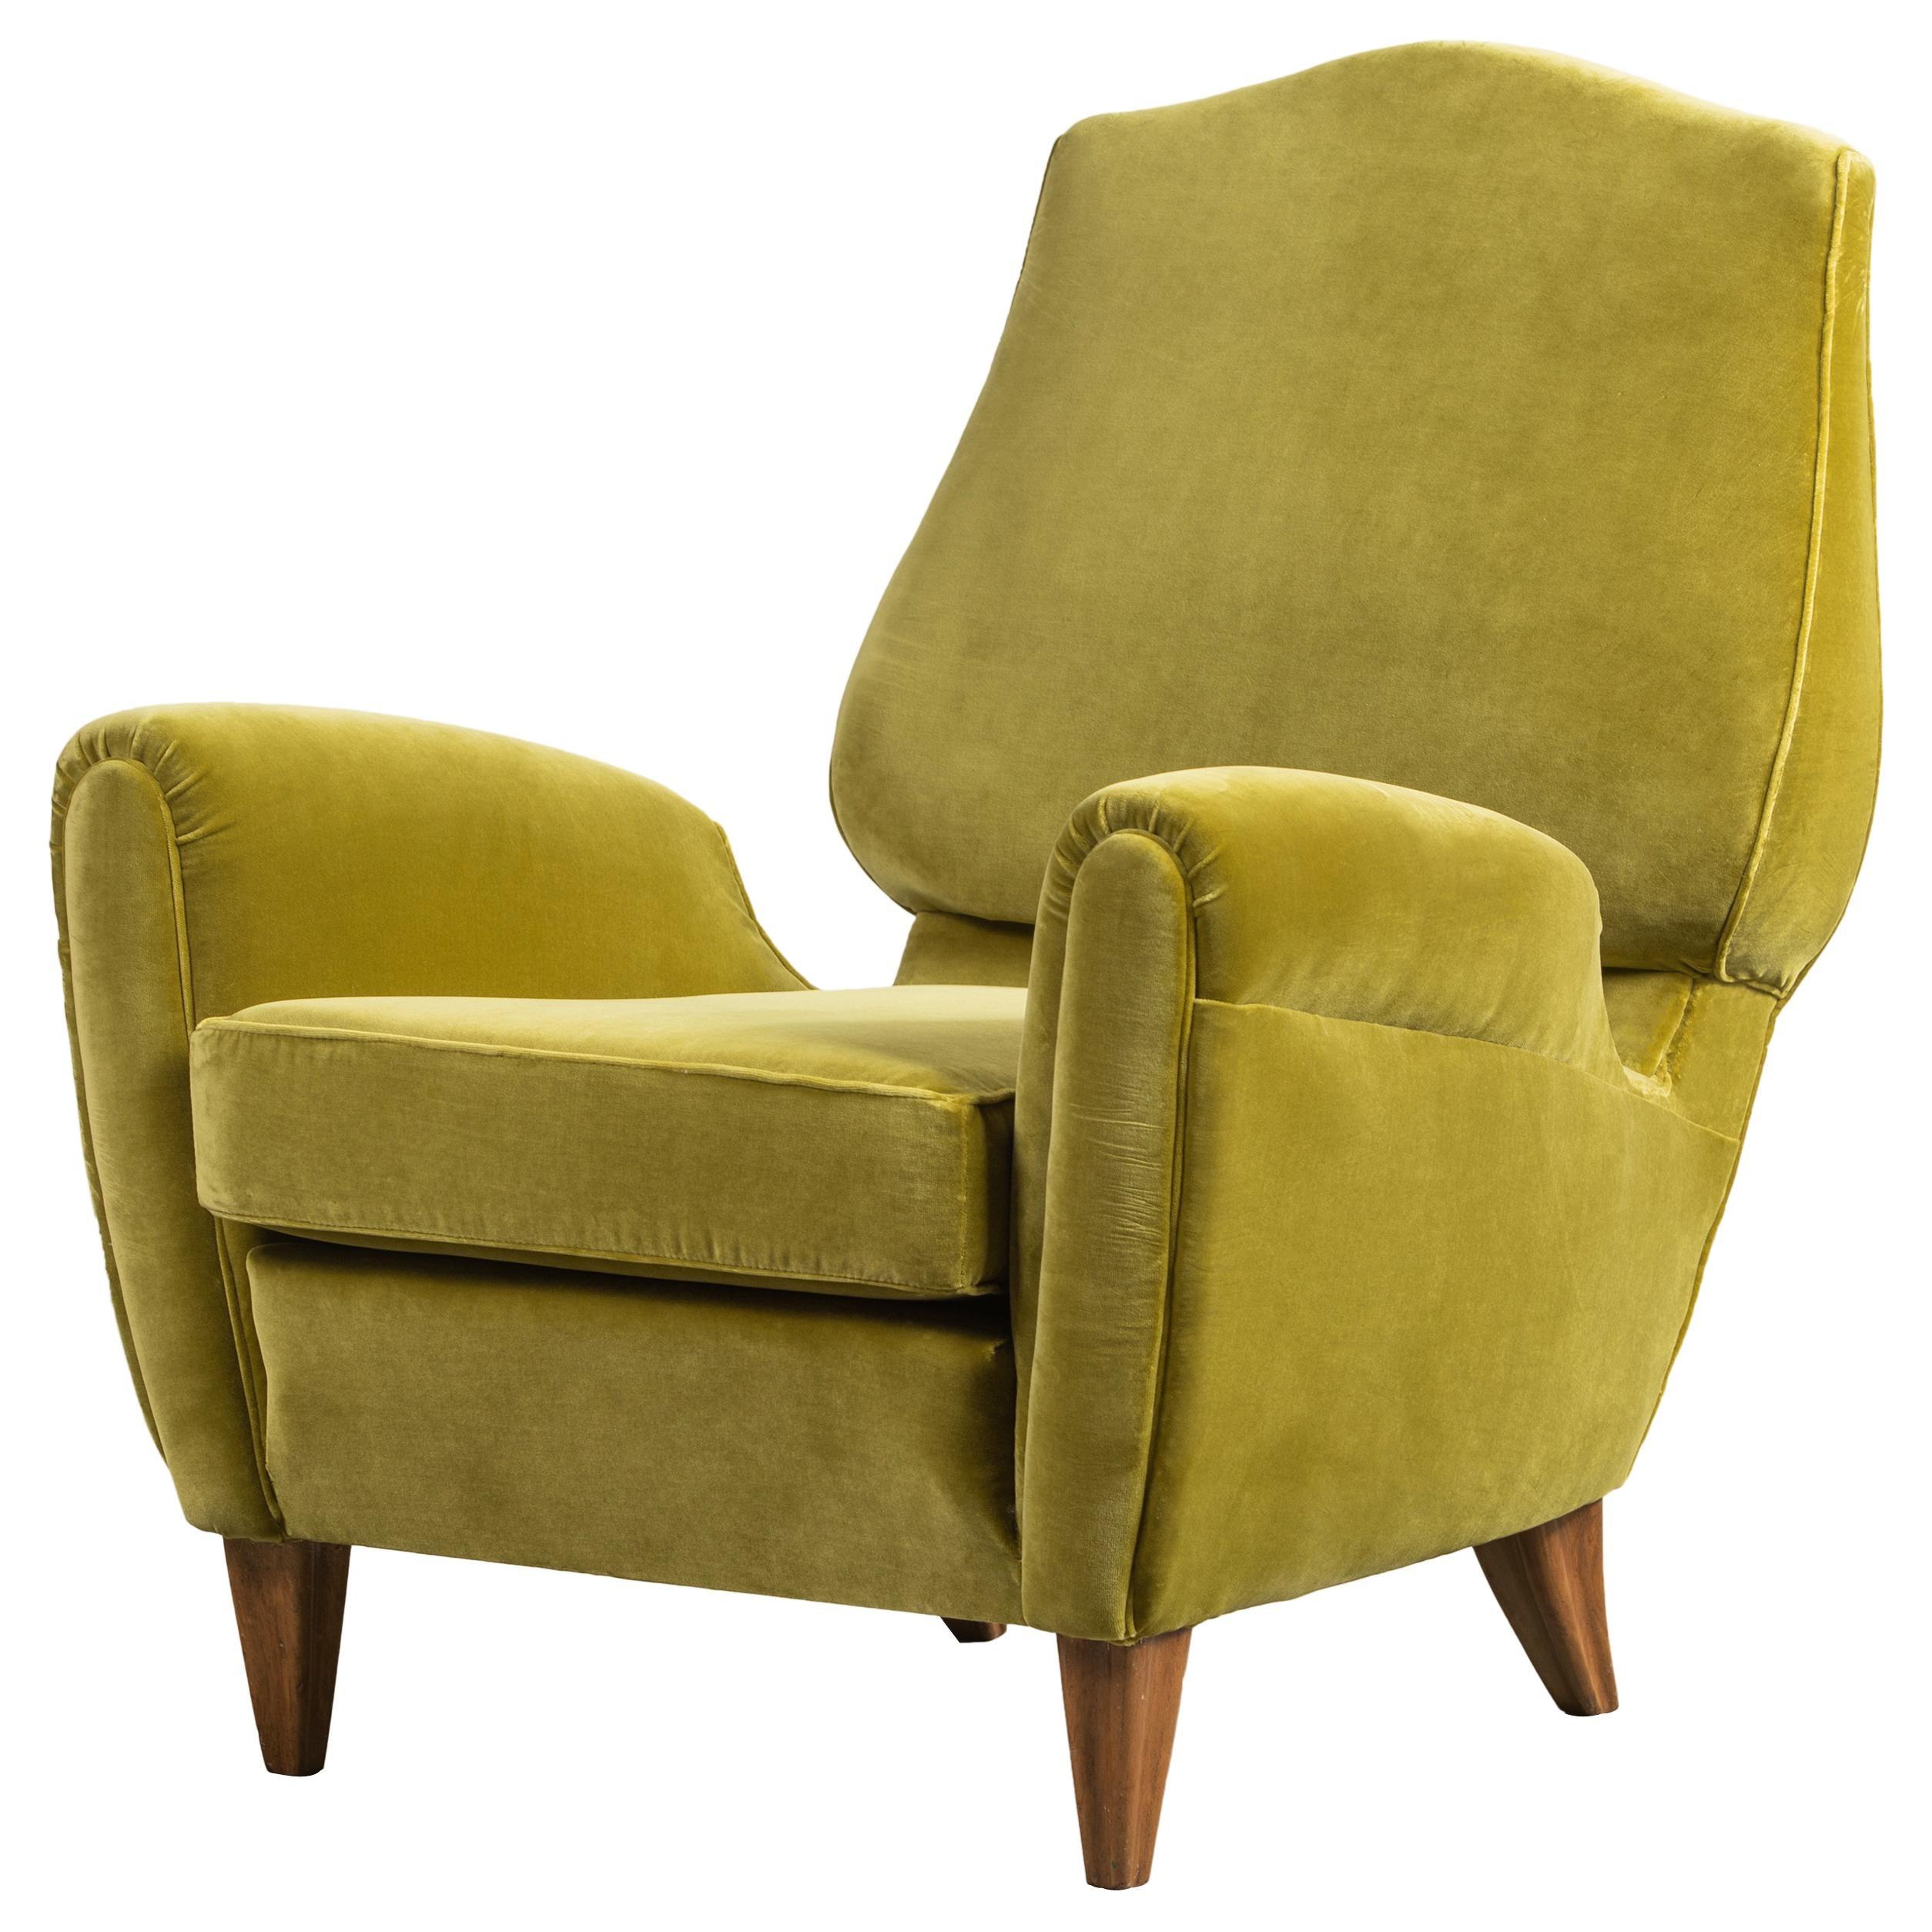 Rare Pierluigi Colli Lounge Chair, 1950s, in Lelievre Velvet